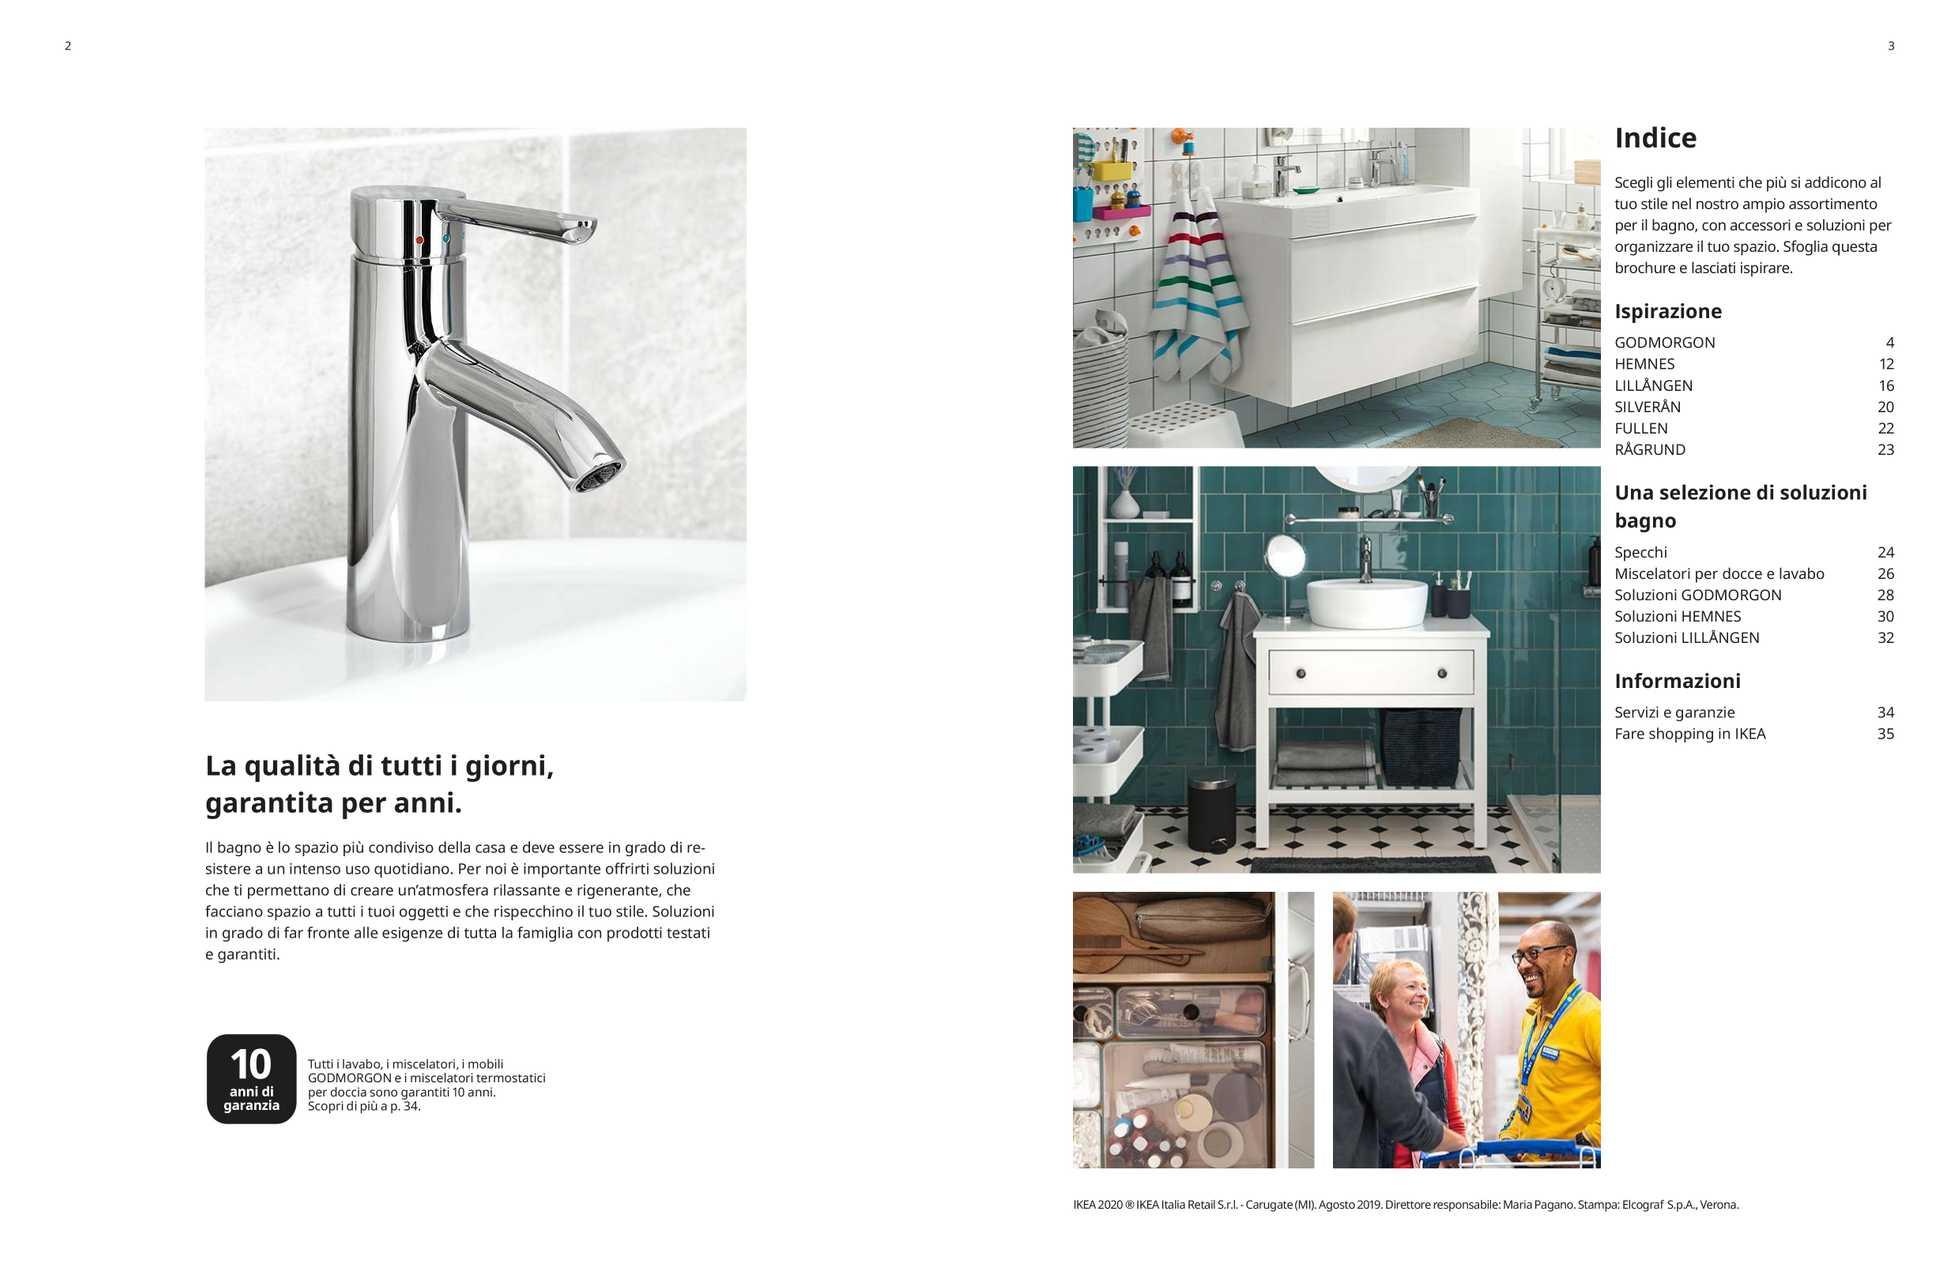 Accessori Bagno Ikea 2020.Ikea Bagni 2020 01 09 2019 It Promotons Com